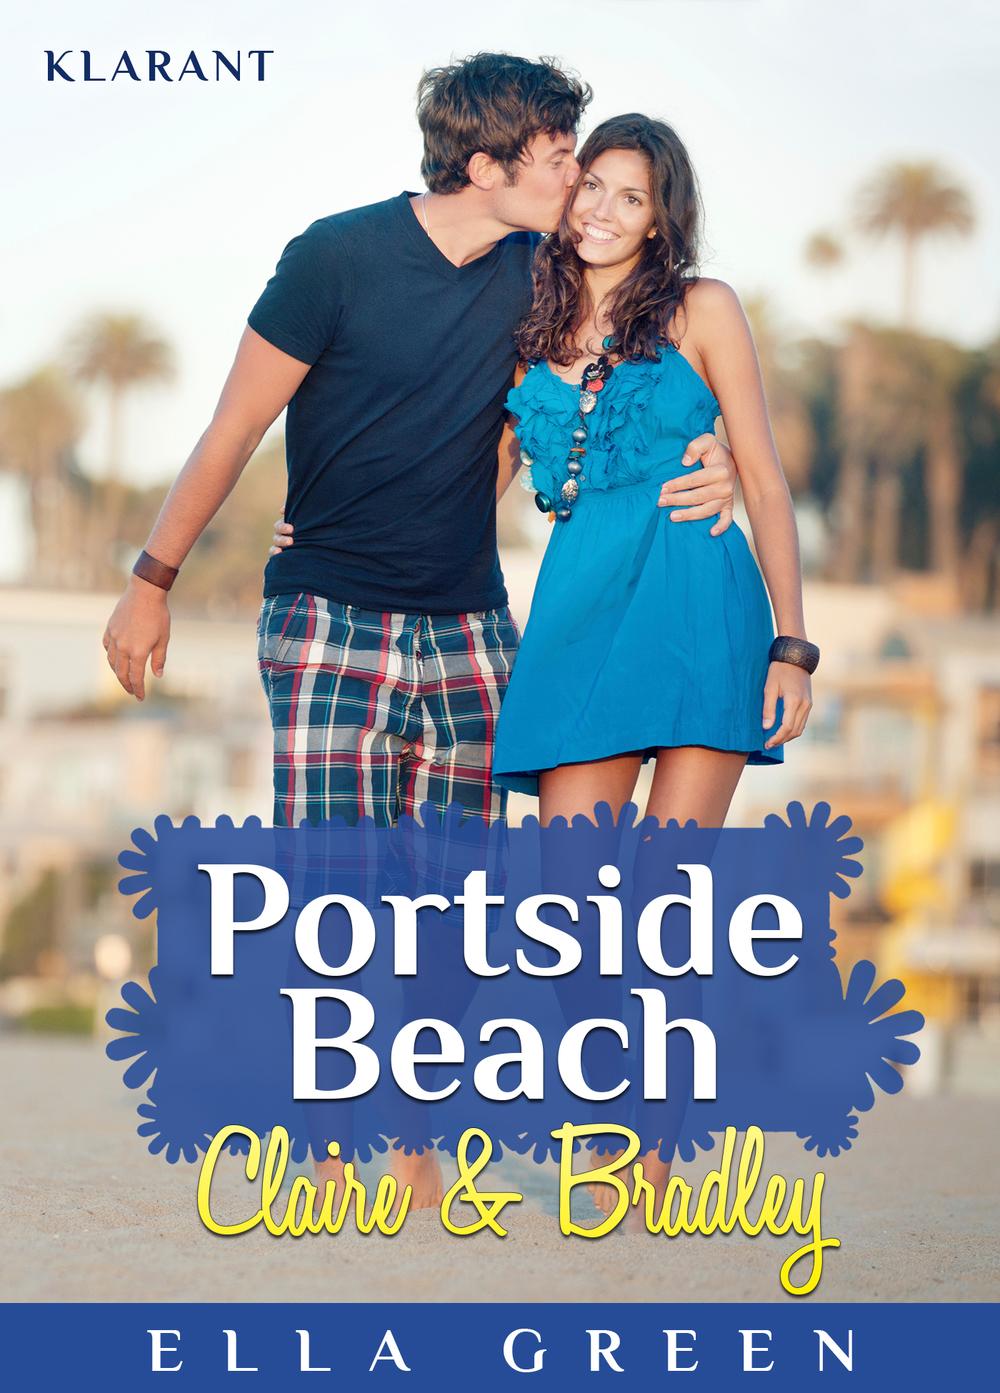 Die 18-jährige Claire – sexy und rebellisch – wird für ein Jahr zu ihrer Tante in die USA geschickt, weit weg von ihren Freunden in Deutschland. Doch was als Umerziehungsmaßnahme ihrer Eltern gedacht war, wird schnell zu einem ganz großen Abenteuer! Strand, Meer, Sunshine State Californien … in dieser Atmosphäre lernt Claire den attraktiven Bradley kennen – 21, College-Student und selbsternannter Womanizer von Portside Beach …